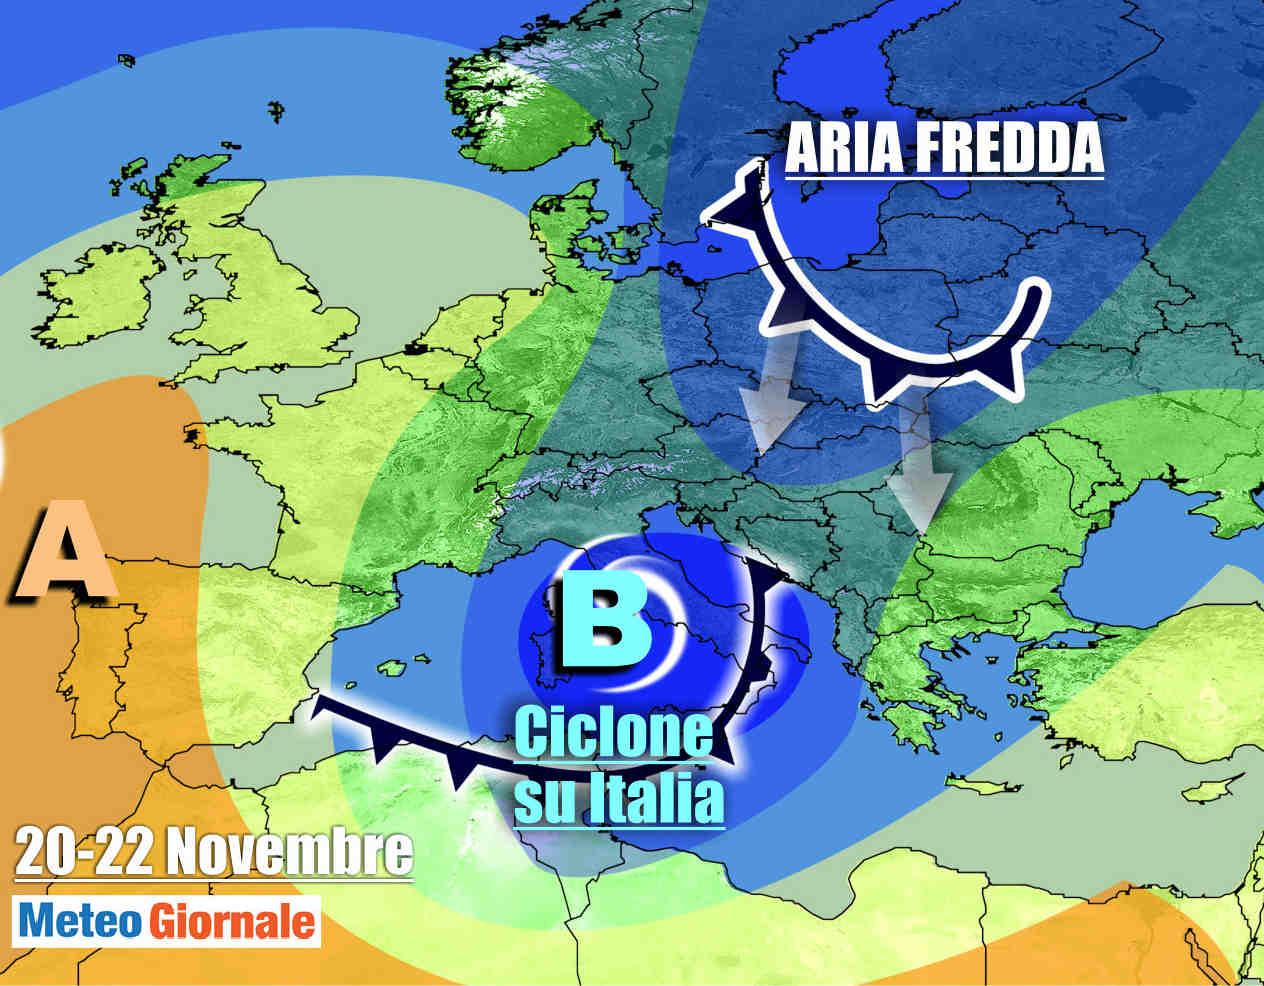 ciclone weekend - METEO da super ribaltone: piomba l'inverno nel weekend, MALTEMPO con NEVE